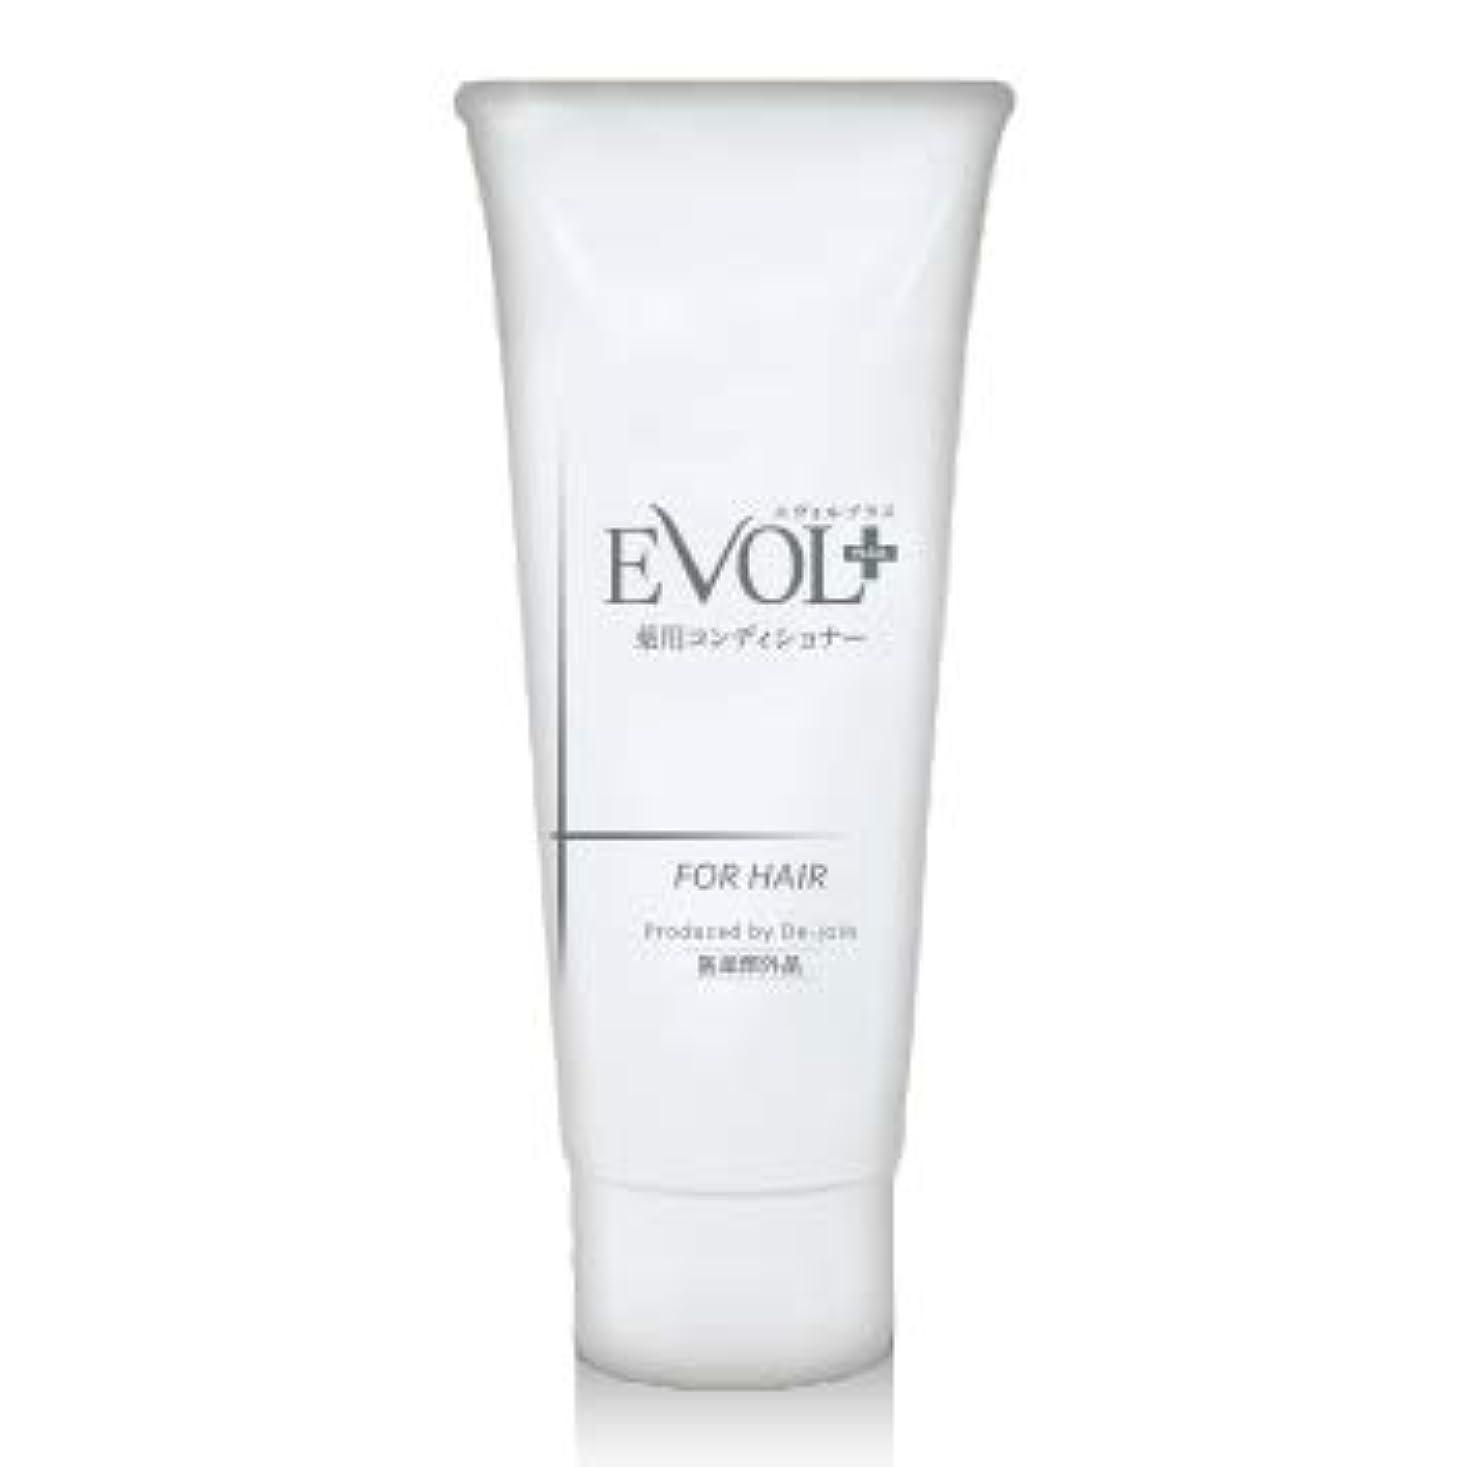 チューインガムハード支払いEVOL+(エヴォルプラス)薬用育毛コンディショナー お得なコース